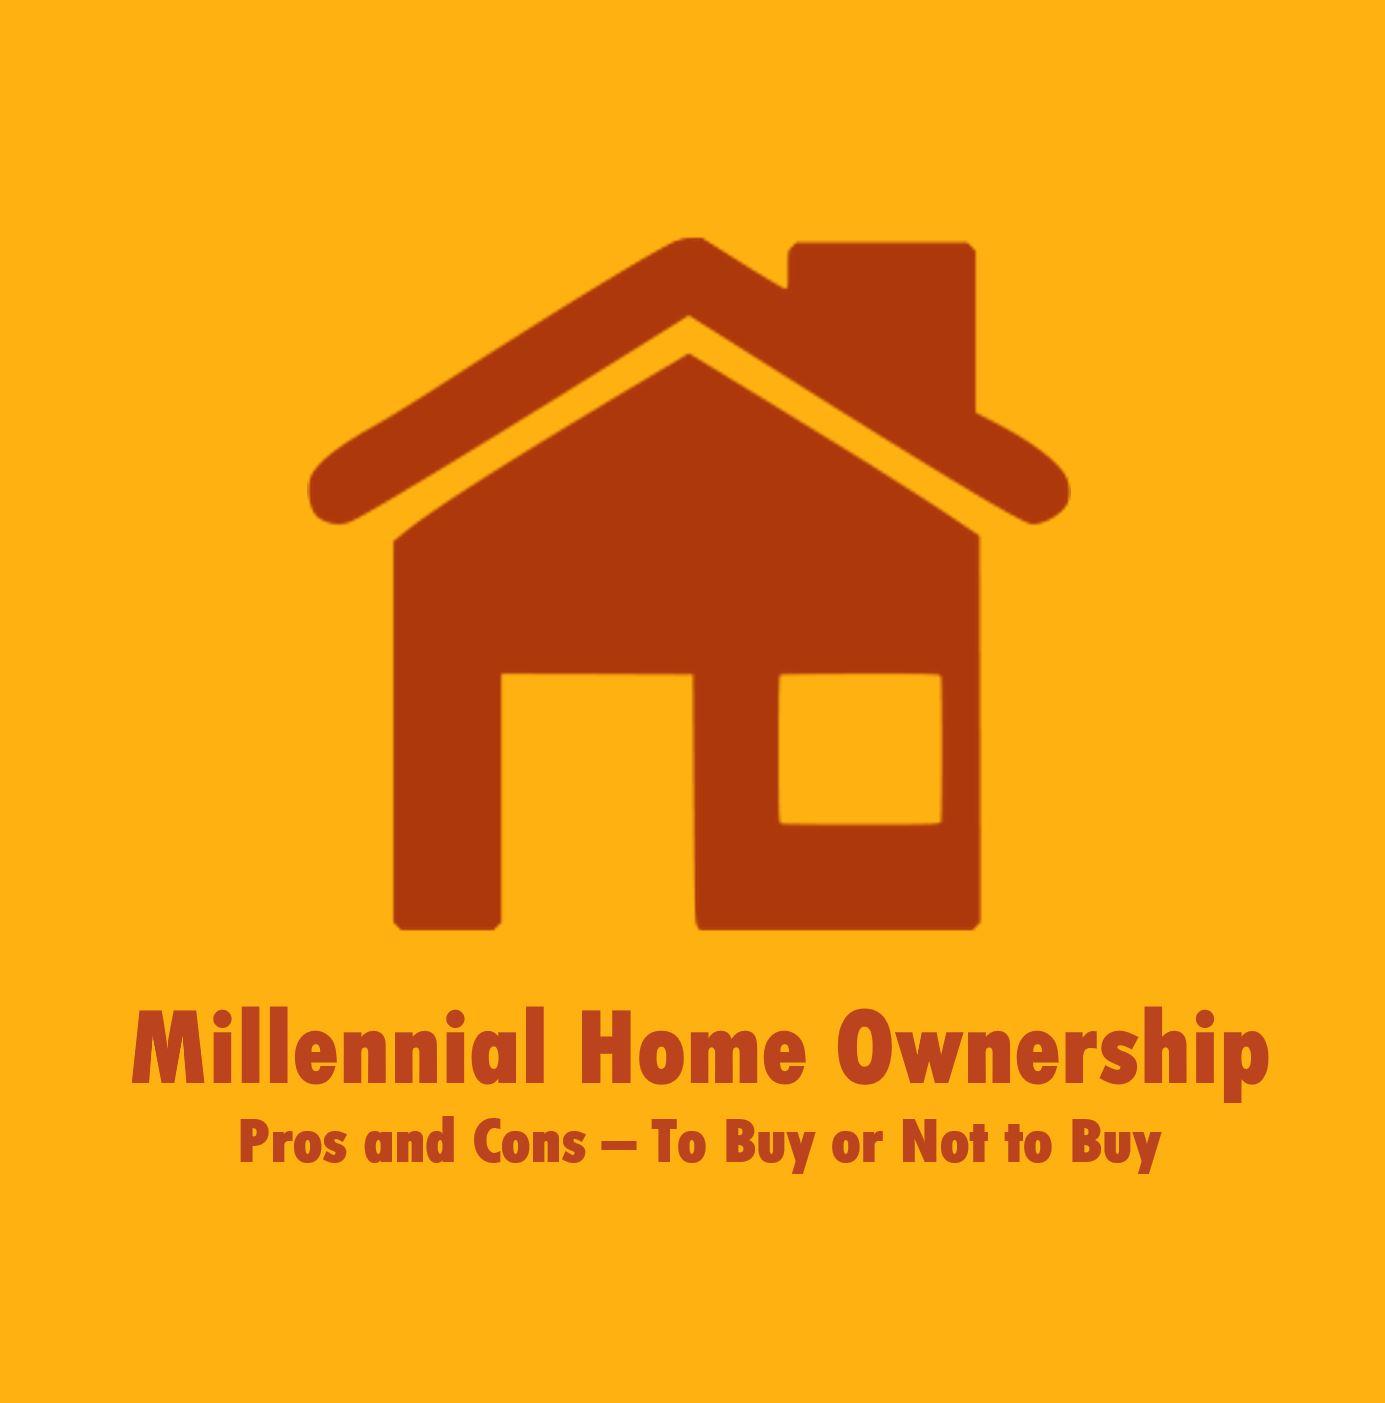 Millenial Home Owndership.JPG